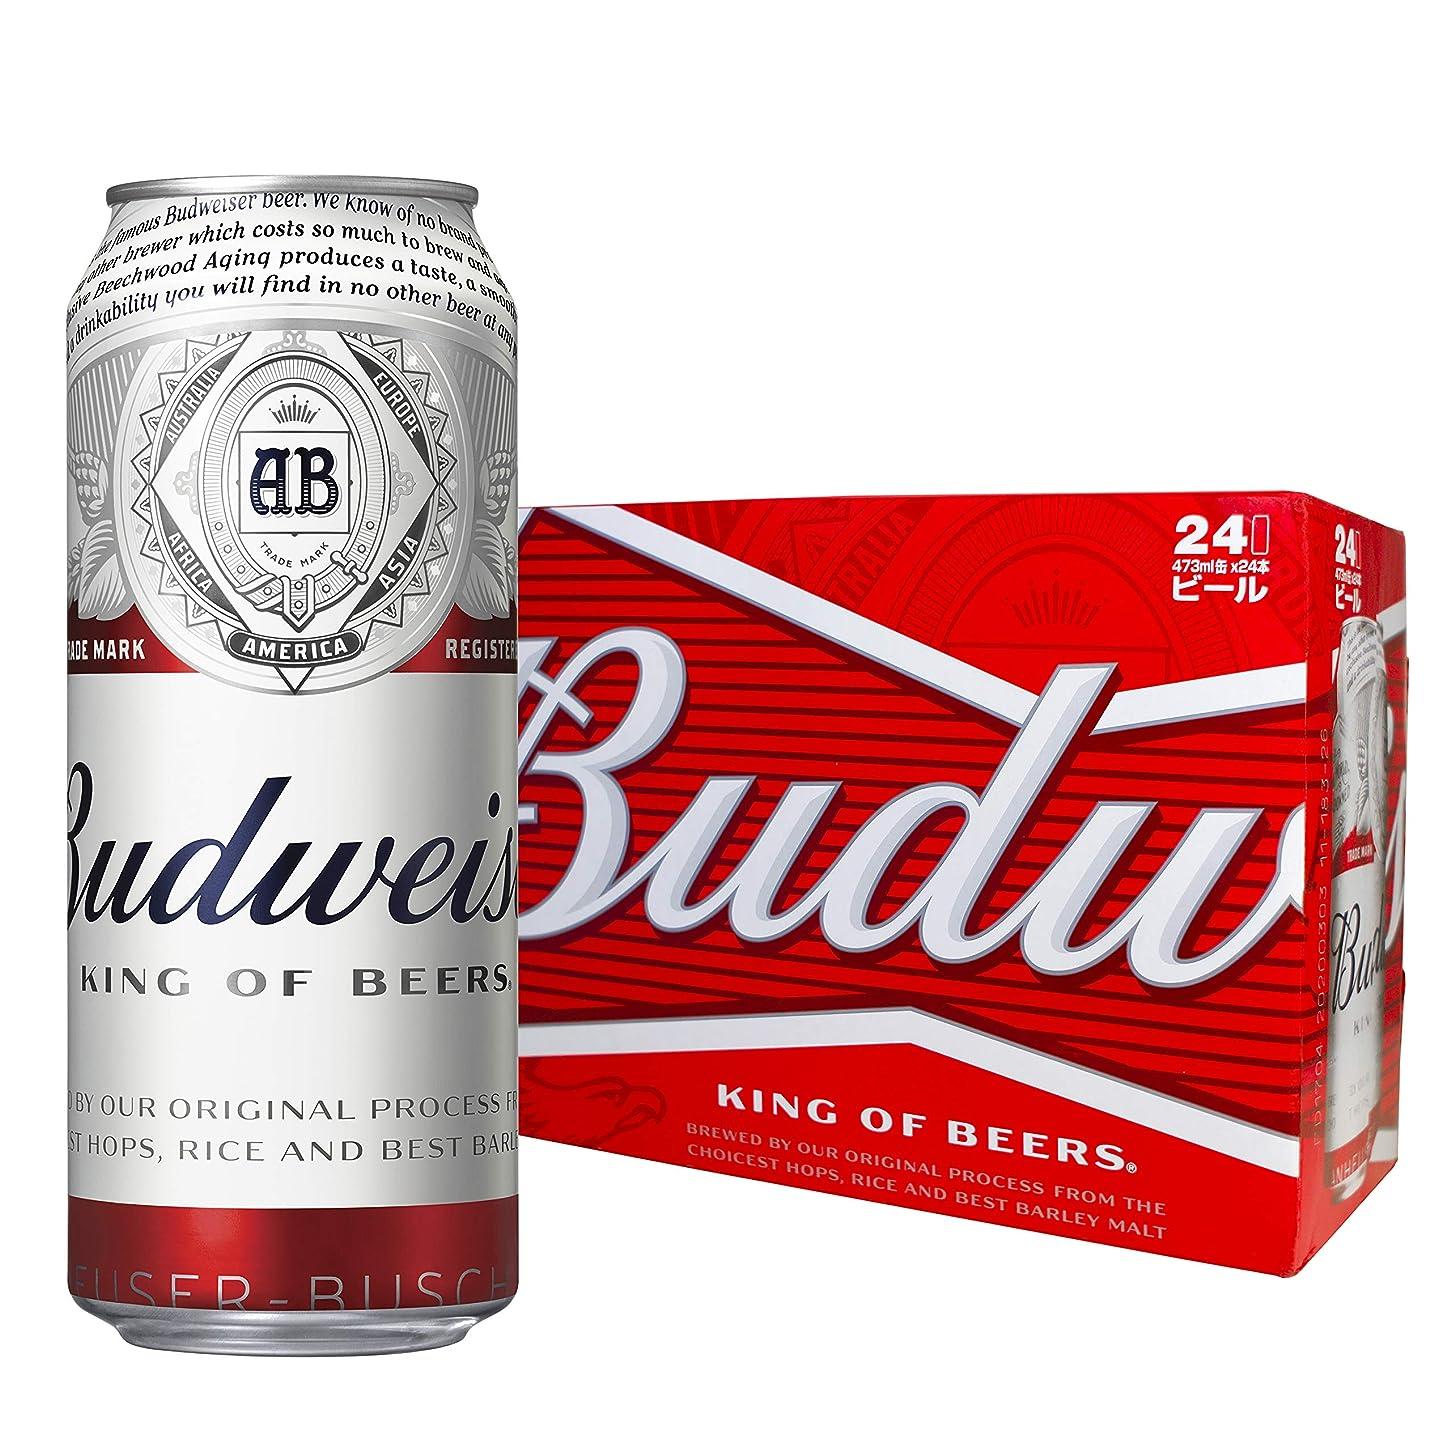 精通した技術者評価するバドワイザー ビール 473ml缶 [ ラガータイプ アメリカ 473ml×24本 ]